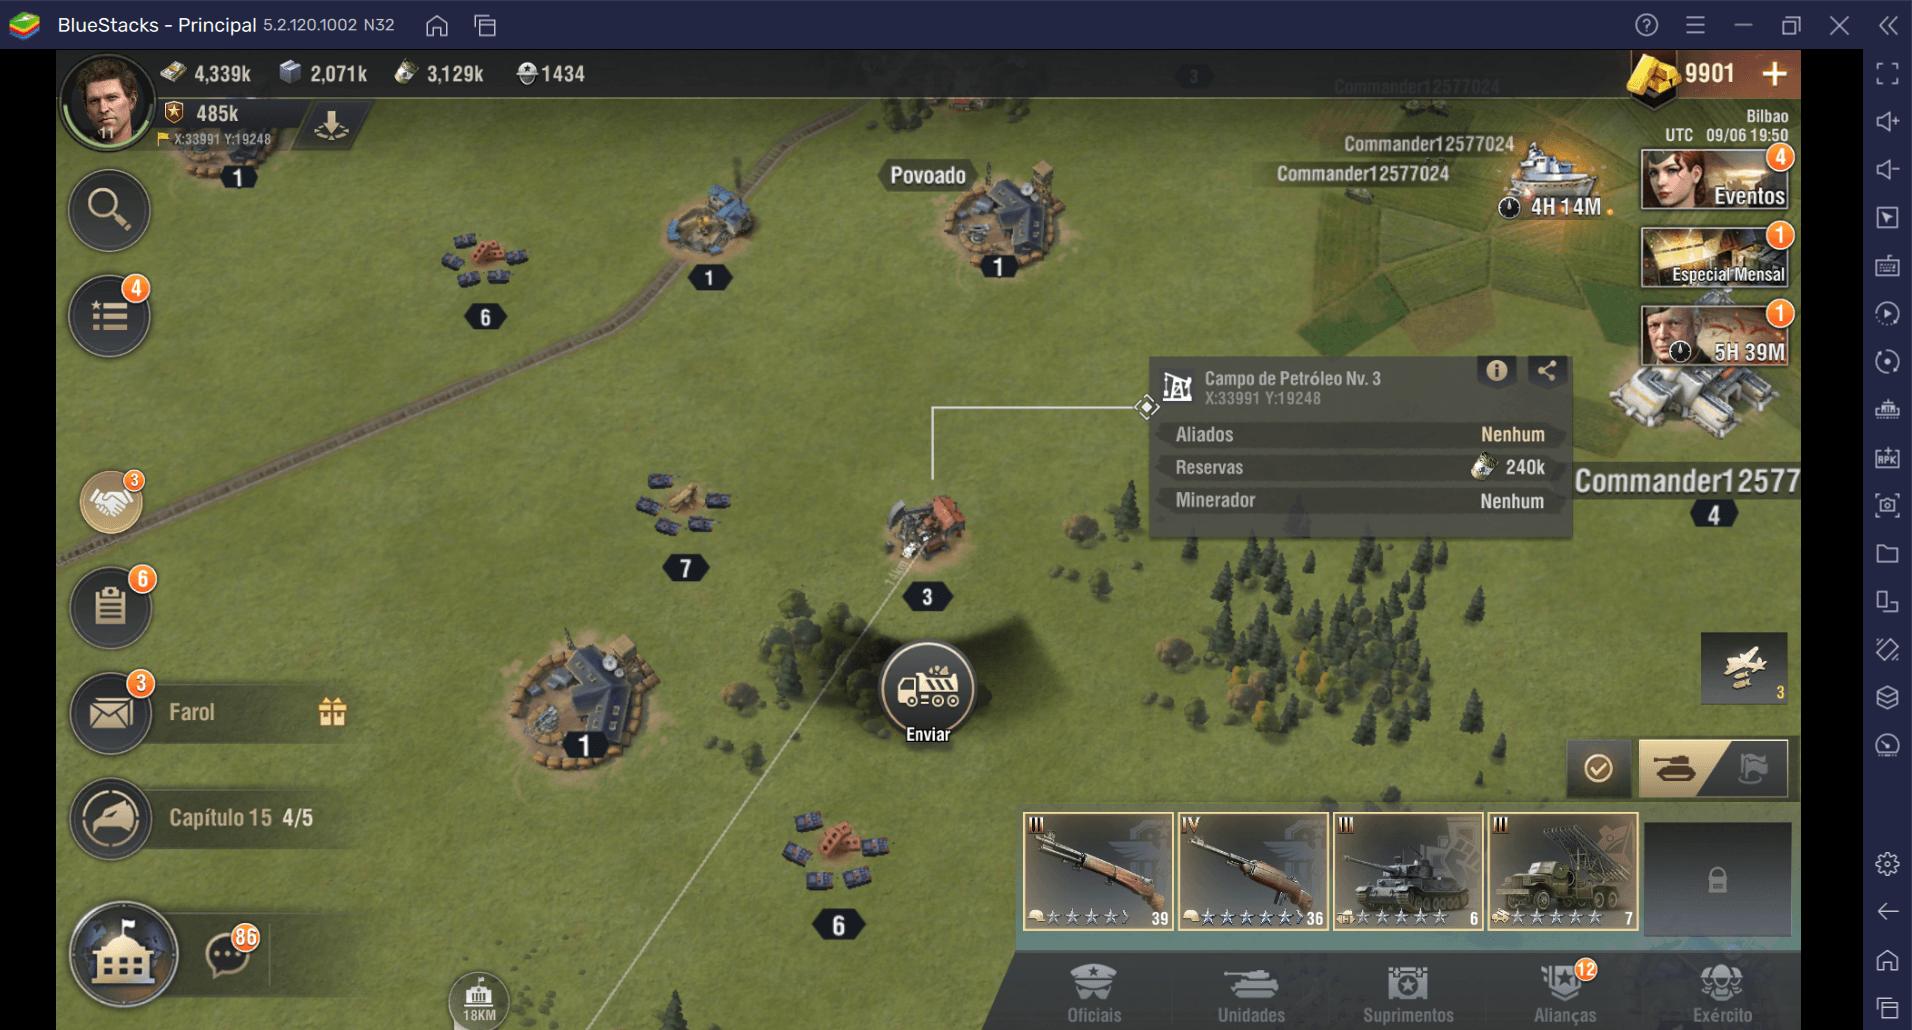 Torne-se o maior comandante de Warpath com este Guia de Iniciantes